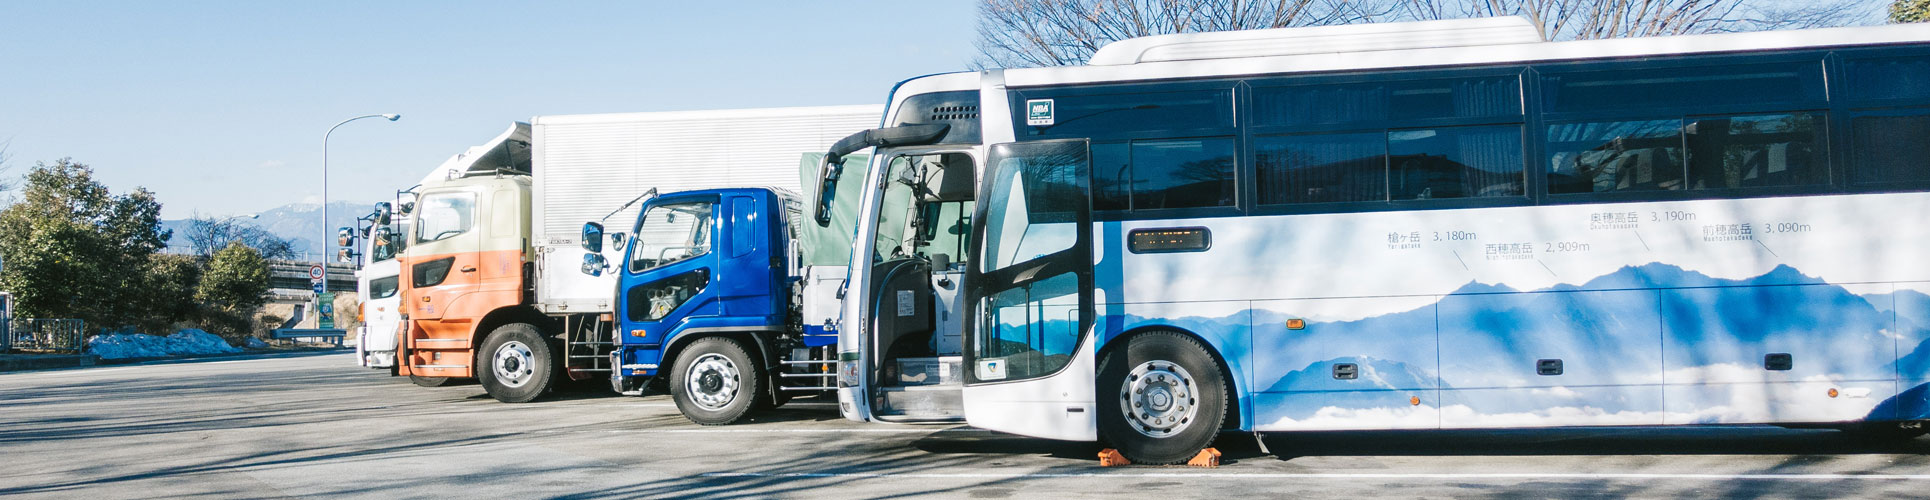 高速バスは価格以外にも見るべきポイントがある - どの高速バスに乗るか